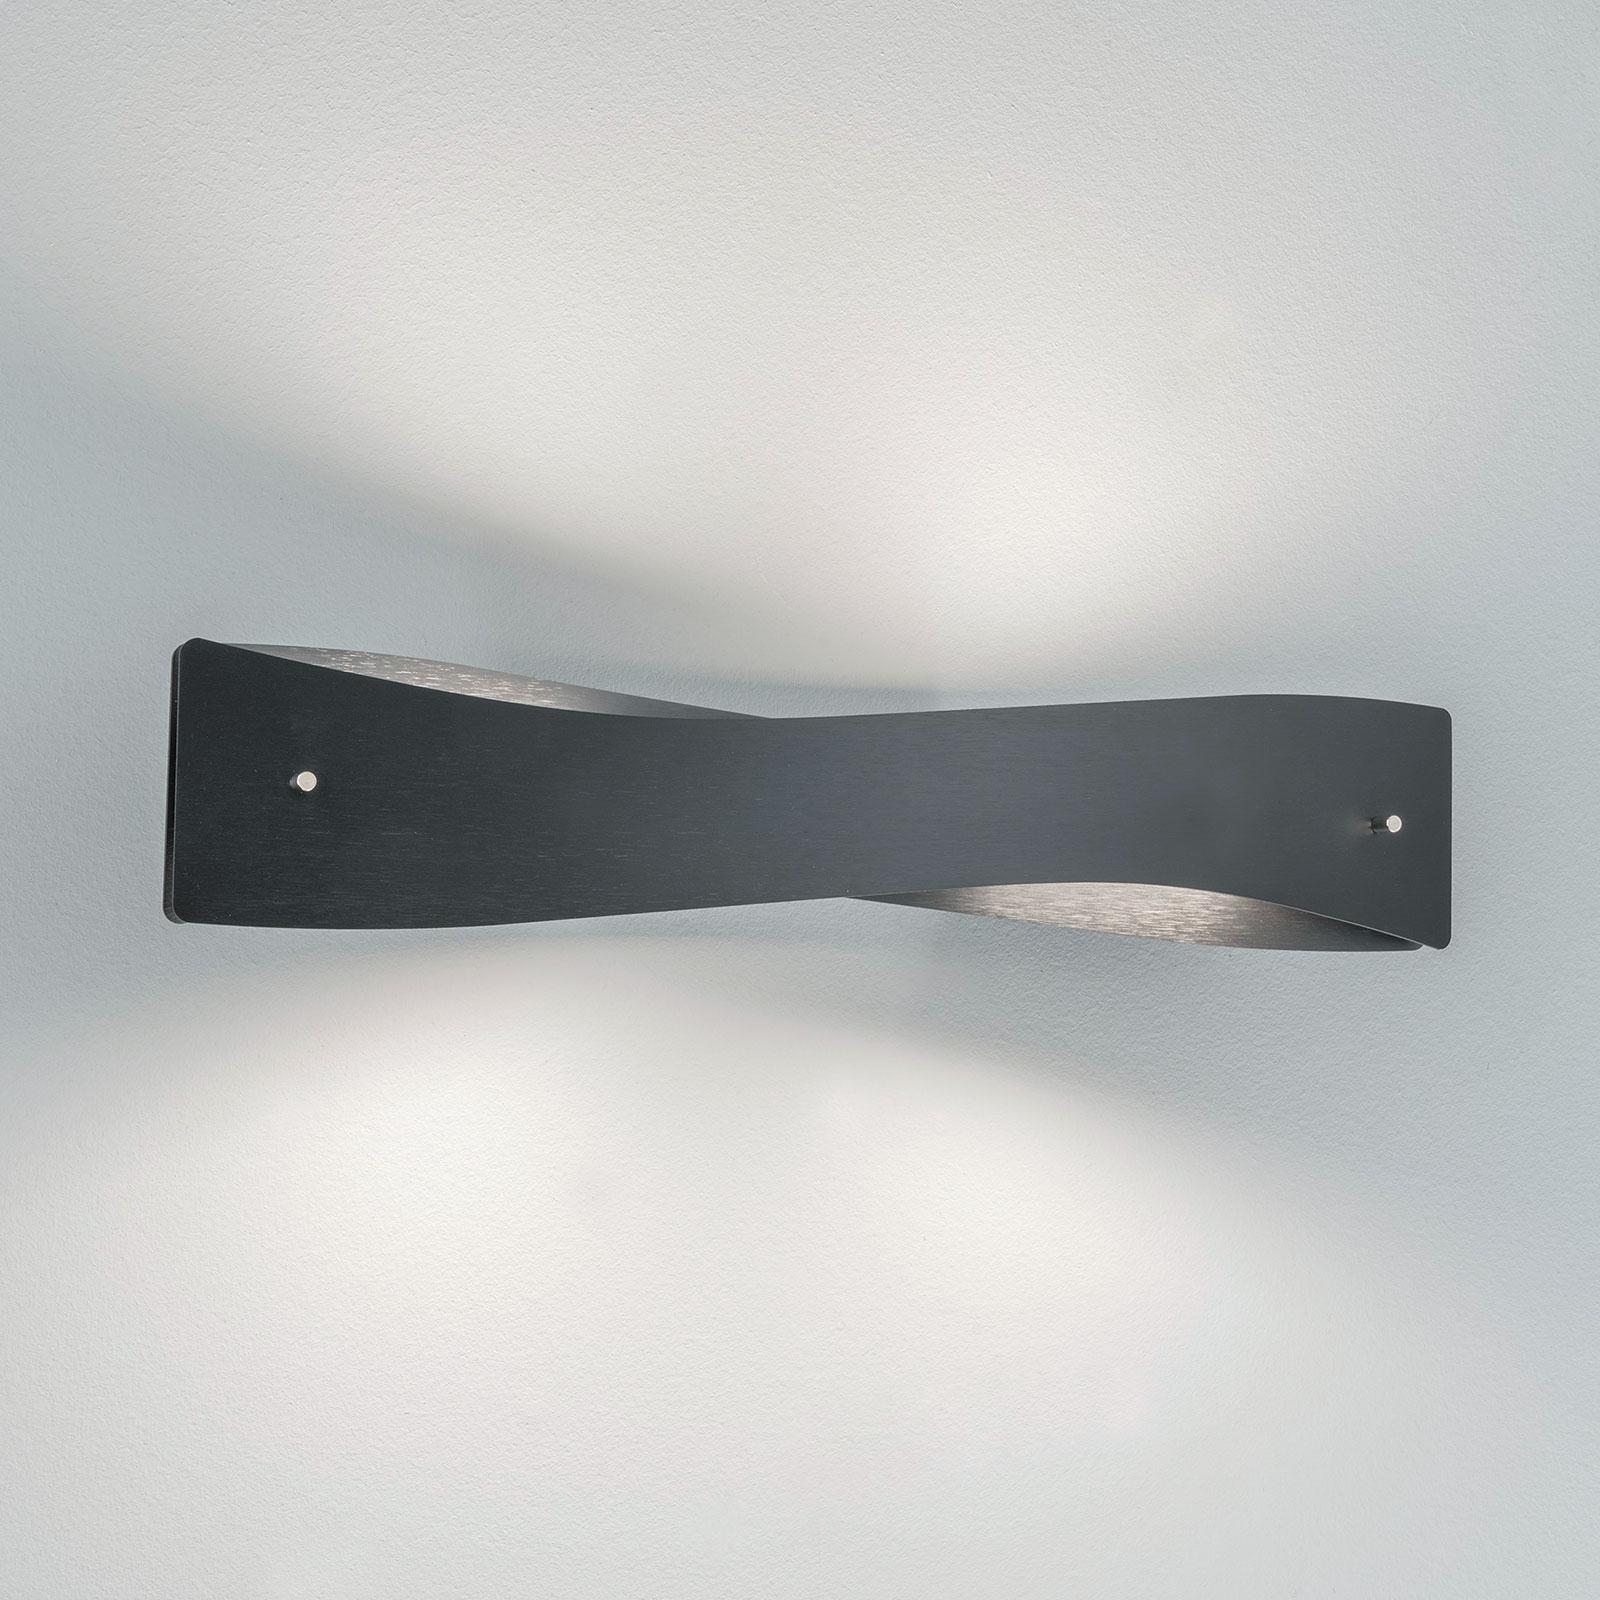 Lucande Lian LED wandlamp, zwart, aluminium